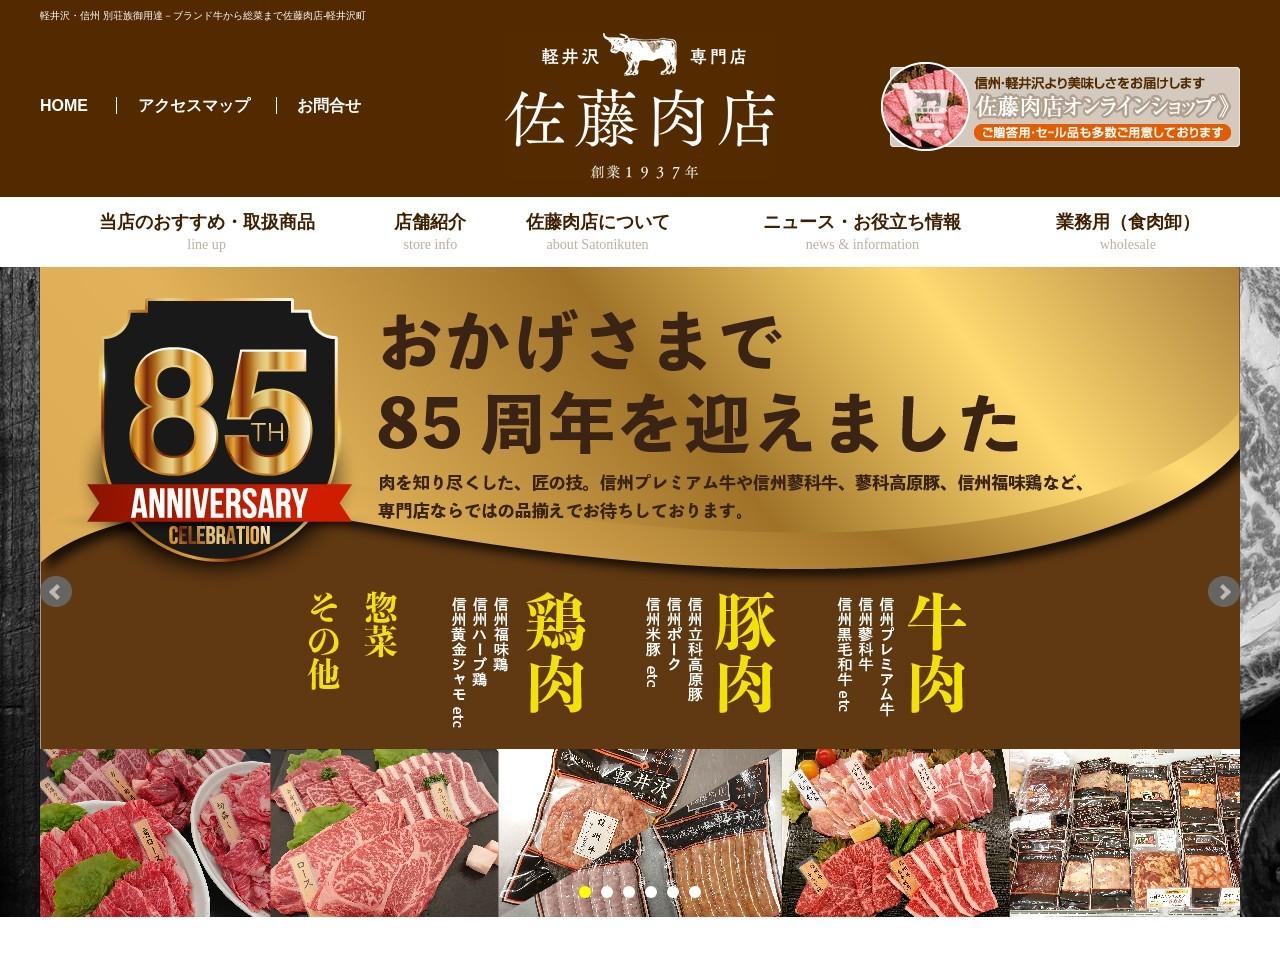 株式会社佐藤肉店